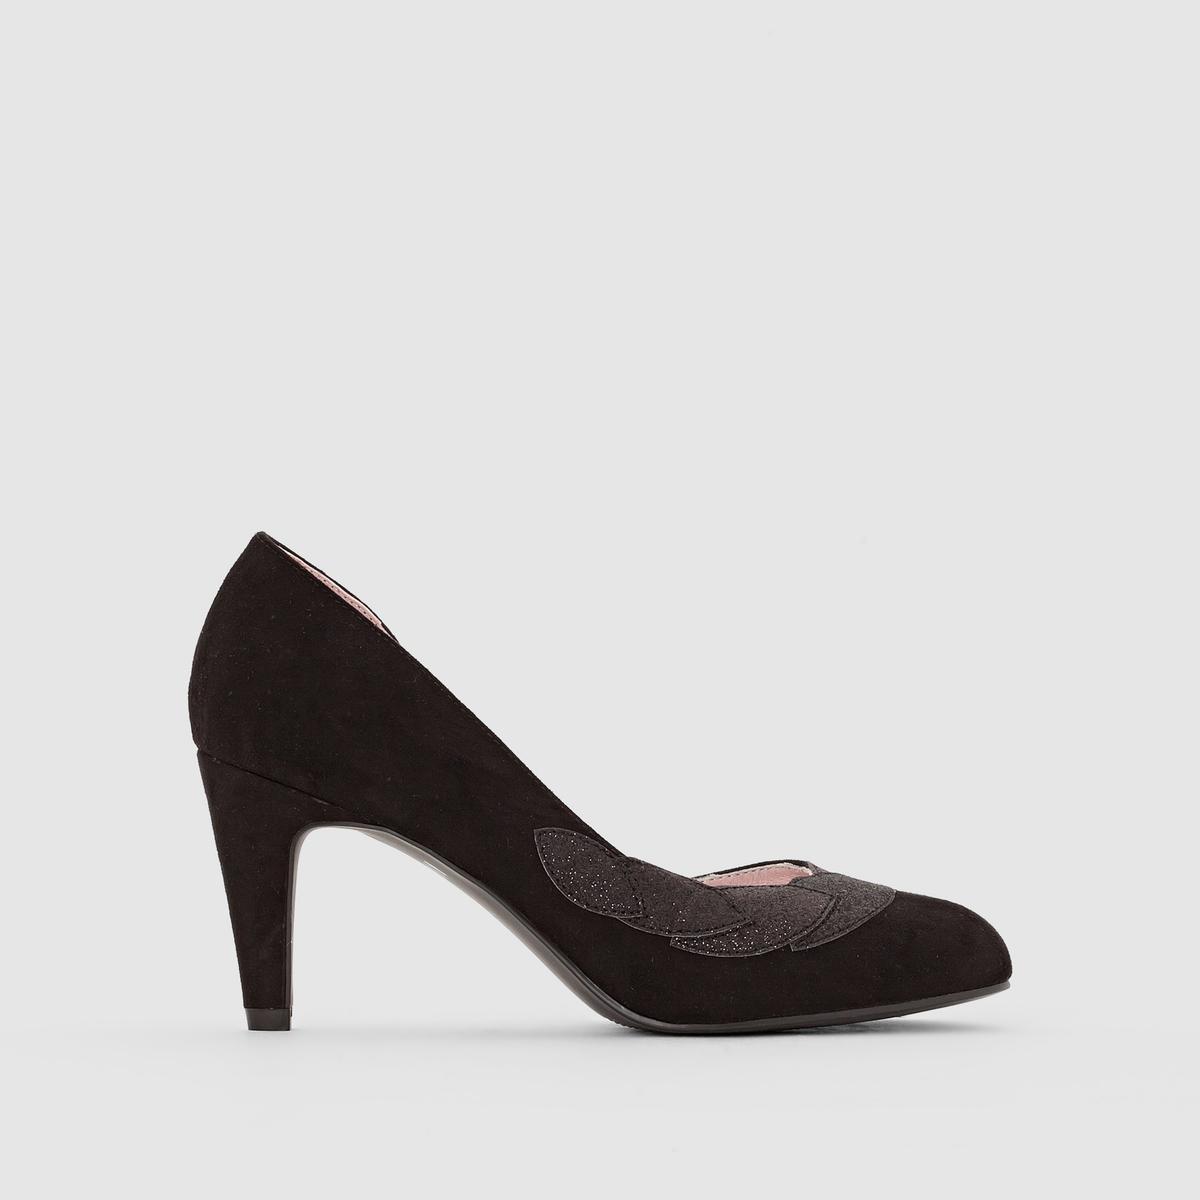 Туфли с рисунком из блестокПреимущества : замечательные туфли с небольшими оригинальными деталями: рисунок сверху и открытая внутренняя сторона.<br><br>Цвет: зеленый,черный<br>Размер: 37.39.40